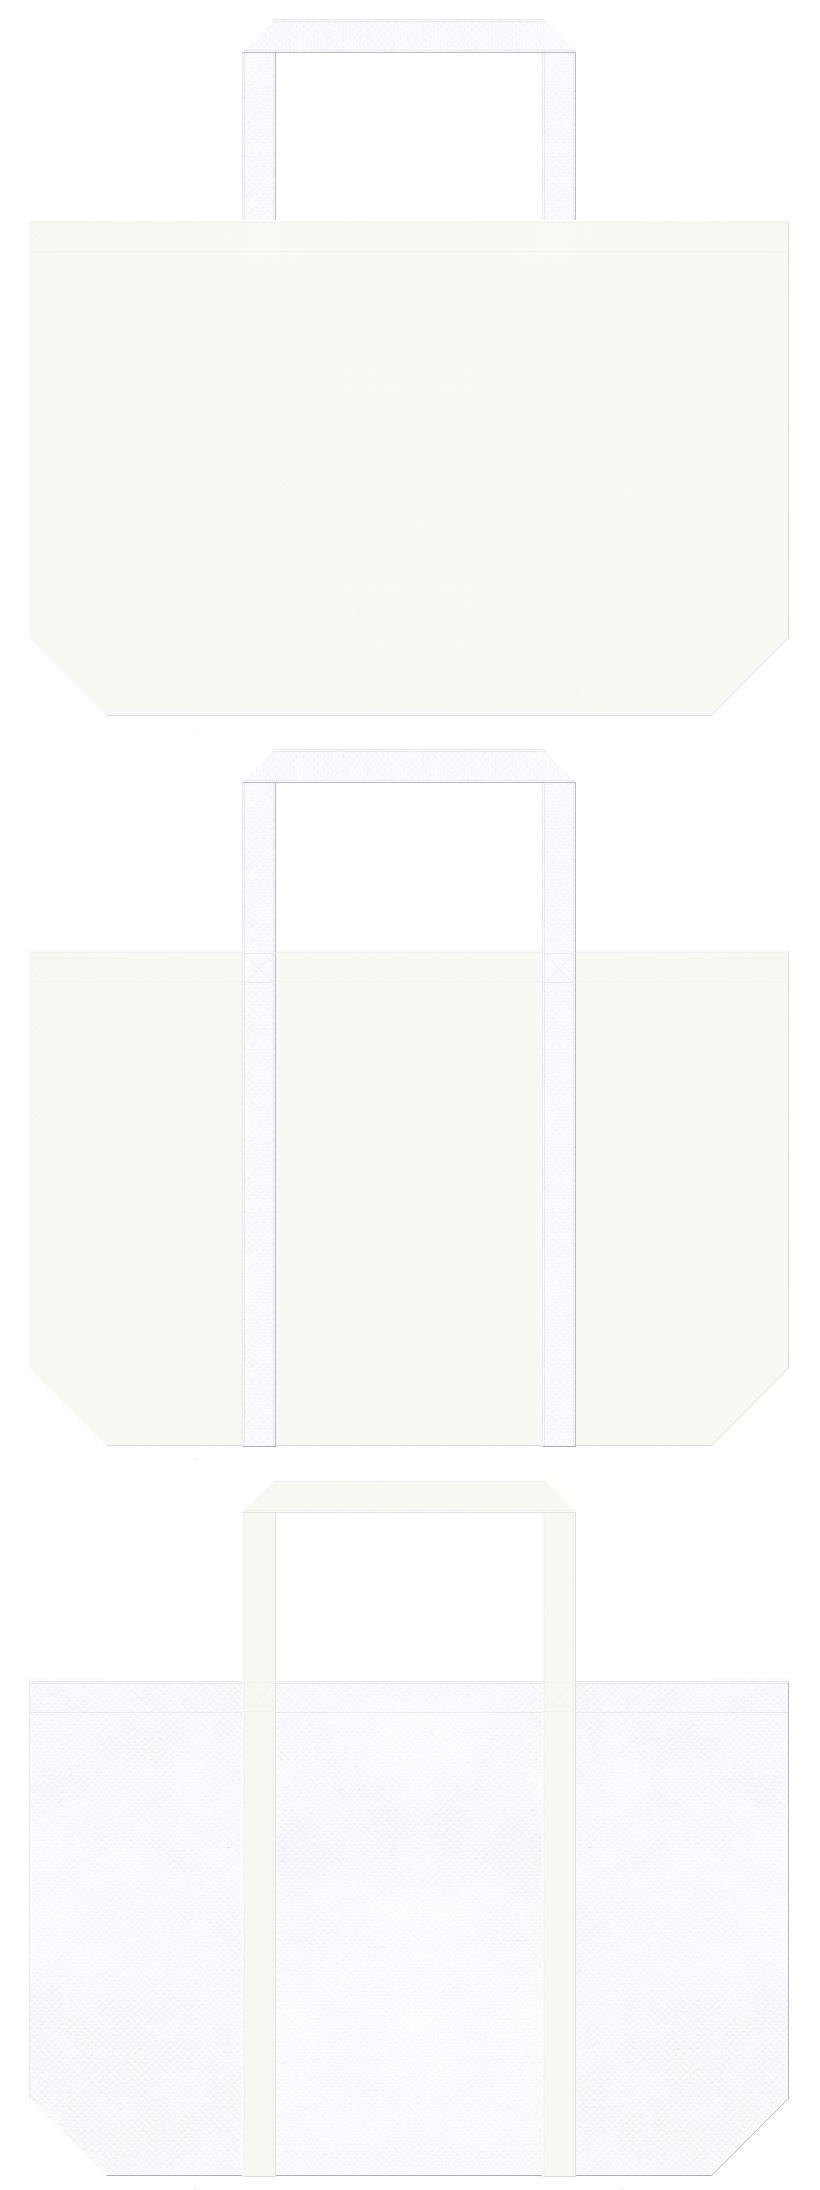 練乳・バニラ・ミルク・雪祭り・ワイシャツ・ワンピース・ウェディングドレス・鶴・白鳥・バレエ・白寿のお祝いにお奨めの不織布バッグデザイン:オフホワイト色と白色のコーデ